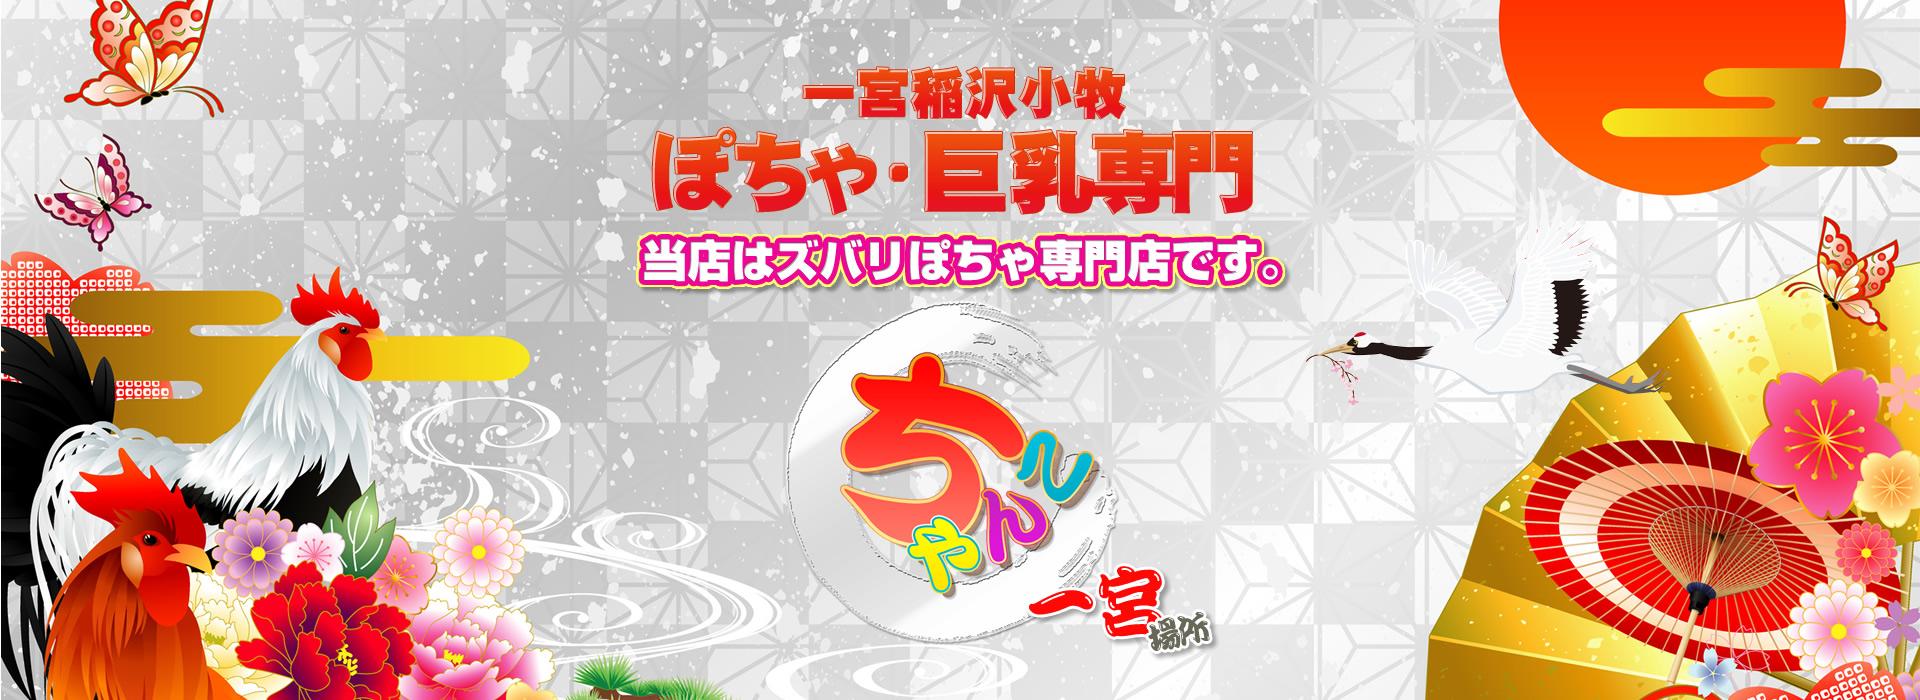 【愛知ちゃんこ一宮稲沢小牧】はぽっちゃり風俗専門のデリバリーヘルス(デリヘル)です。